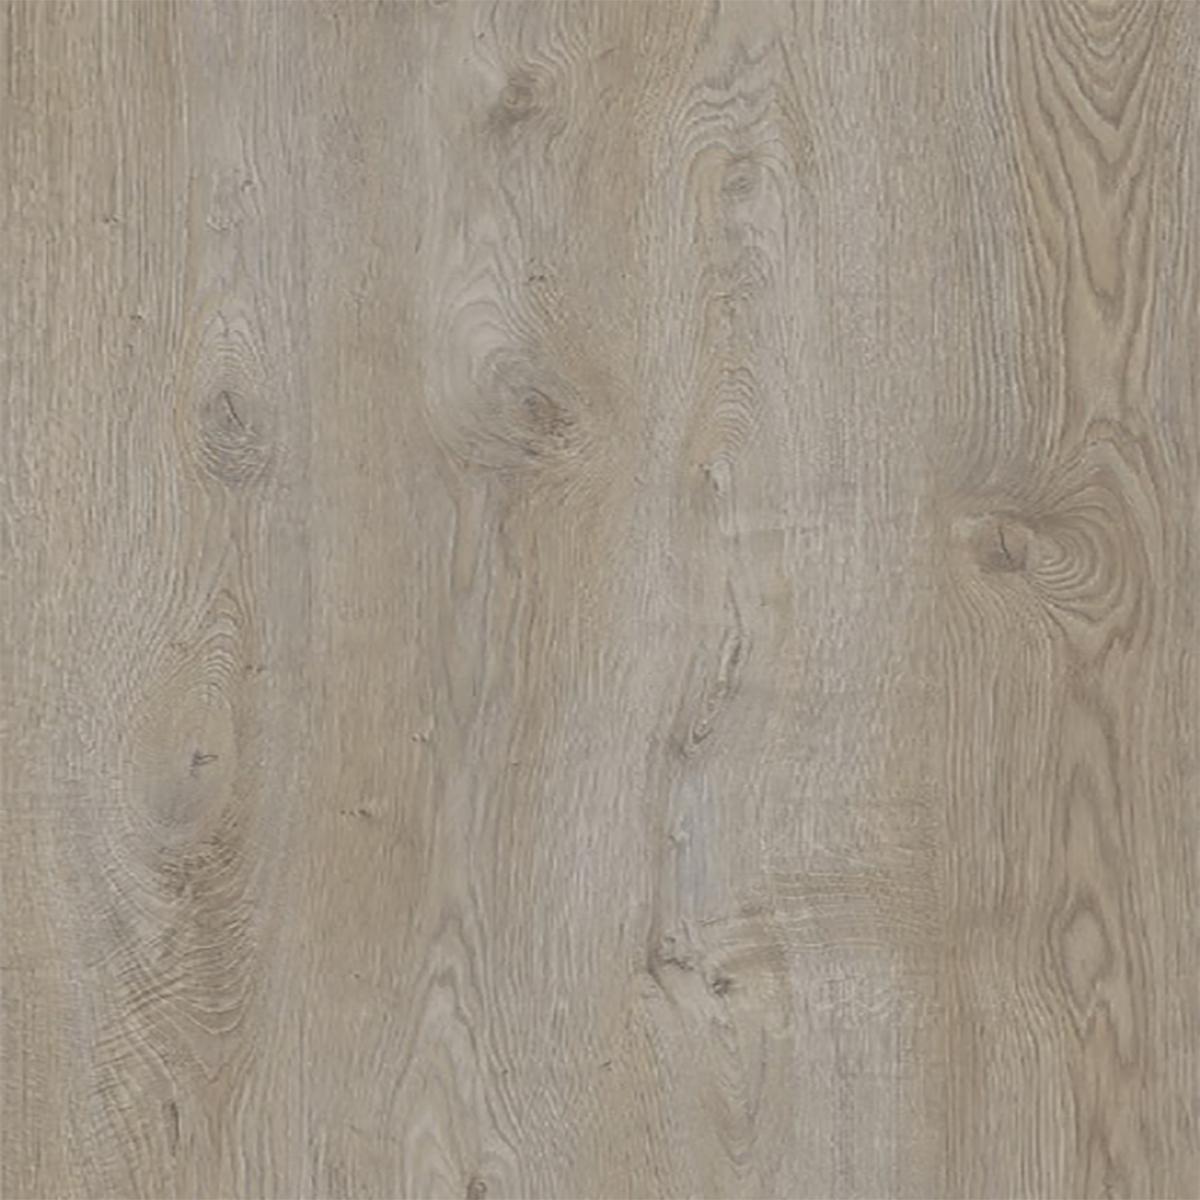 Engineered Harwdood Flooring Toronto Mississauga 12mm